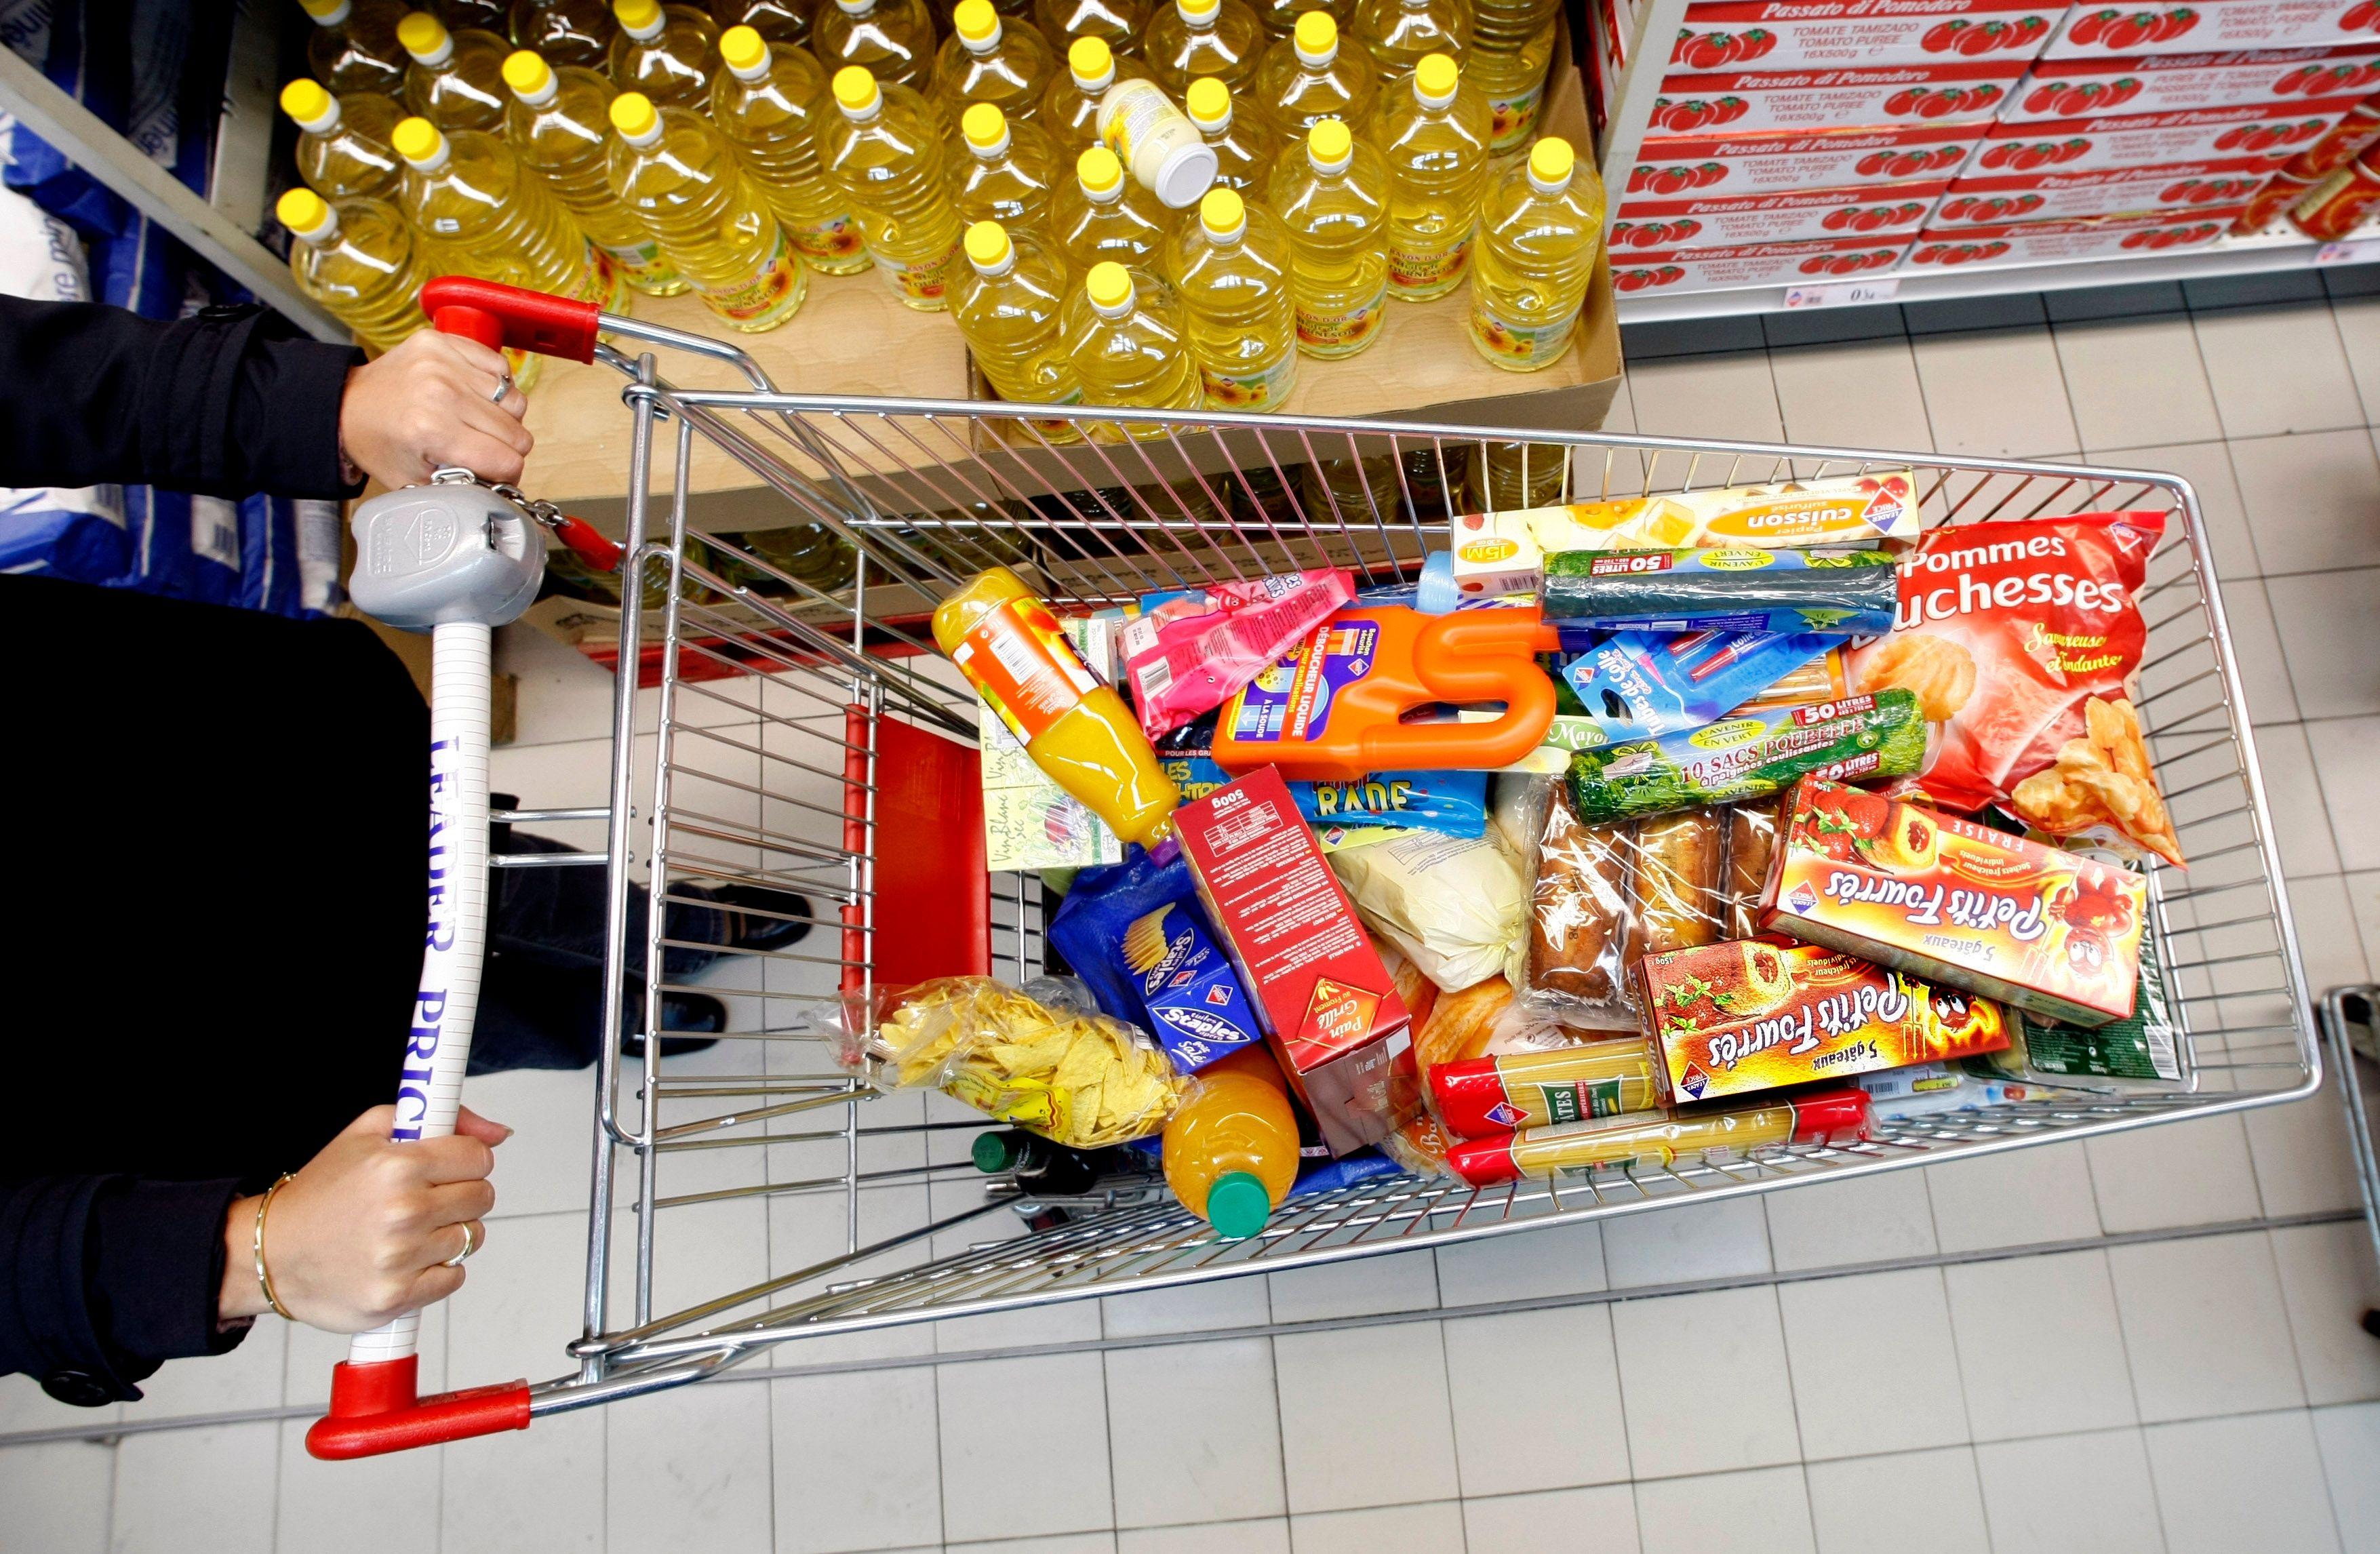 Dans le secret de la stratégie machiavélique des supermarchés pour nous faire dépenser plus